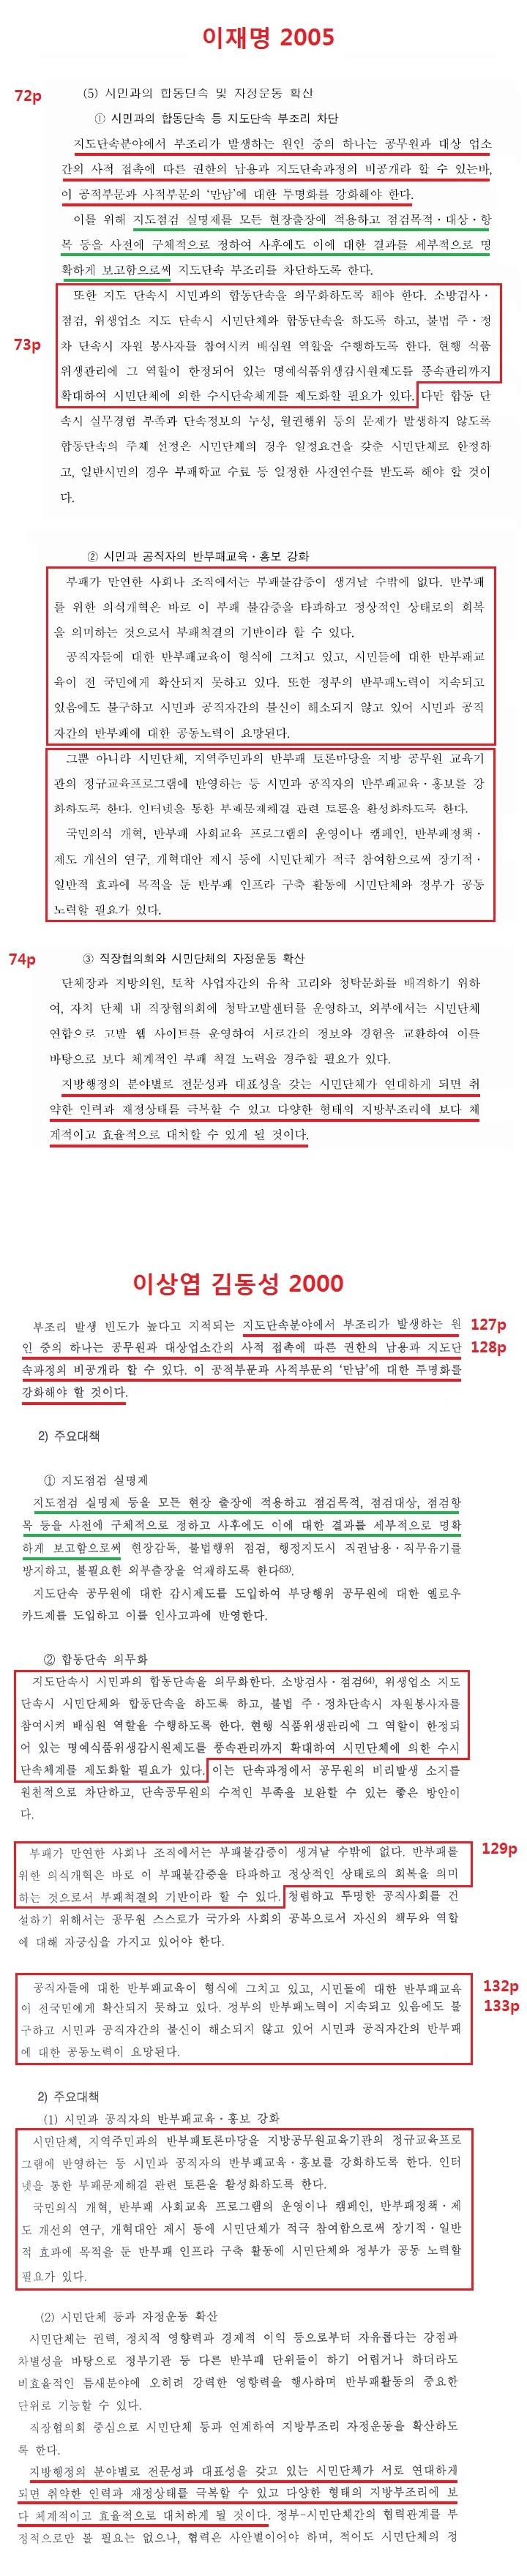 이재명(2005)이 이상엽 외(2000)를 표절한 혐의